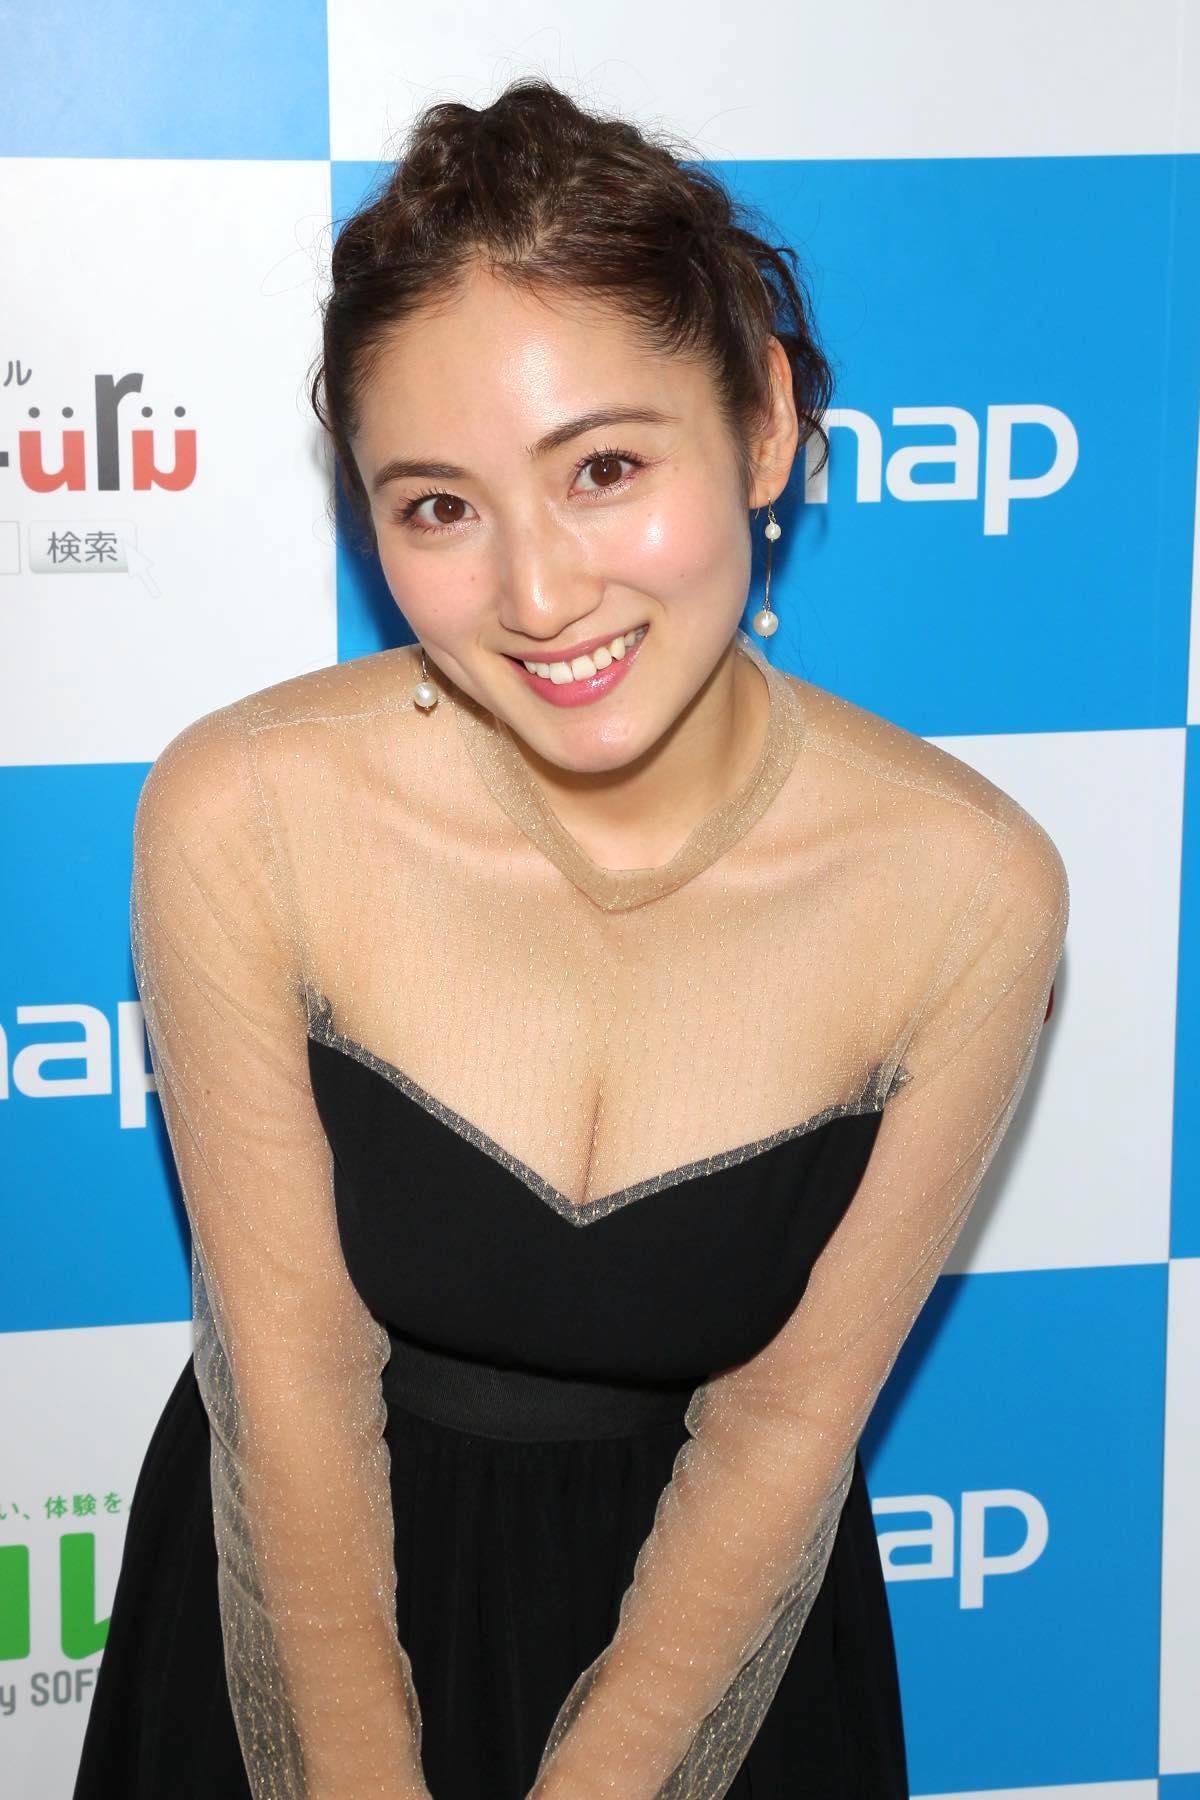 紗綾のグラビア水着ビキニ画像0025